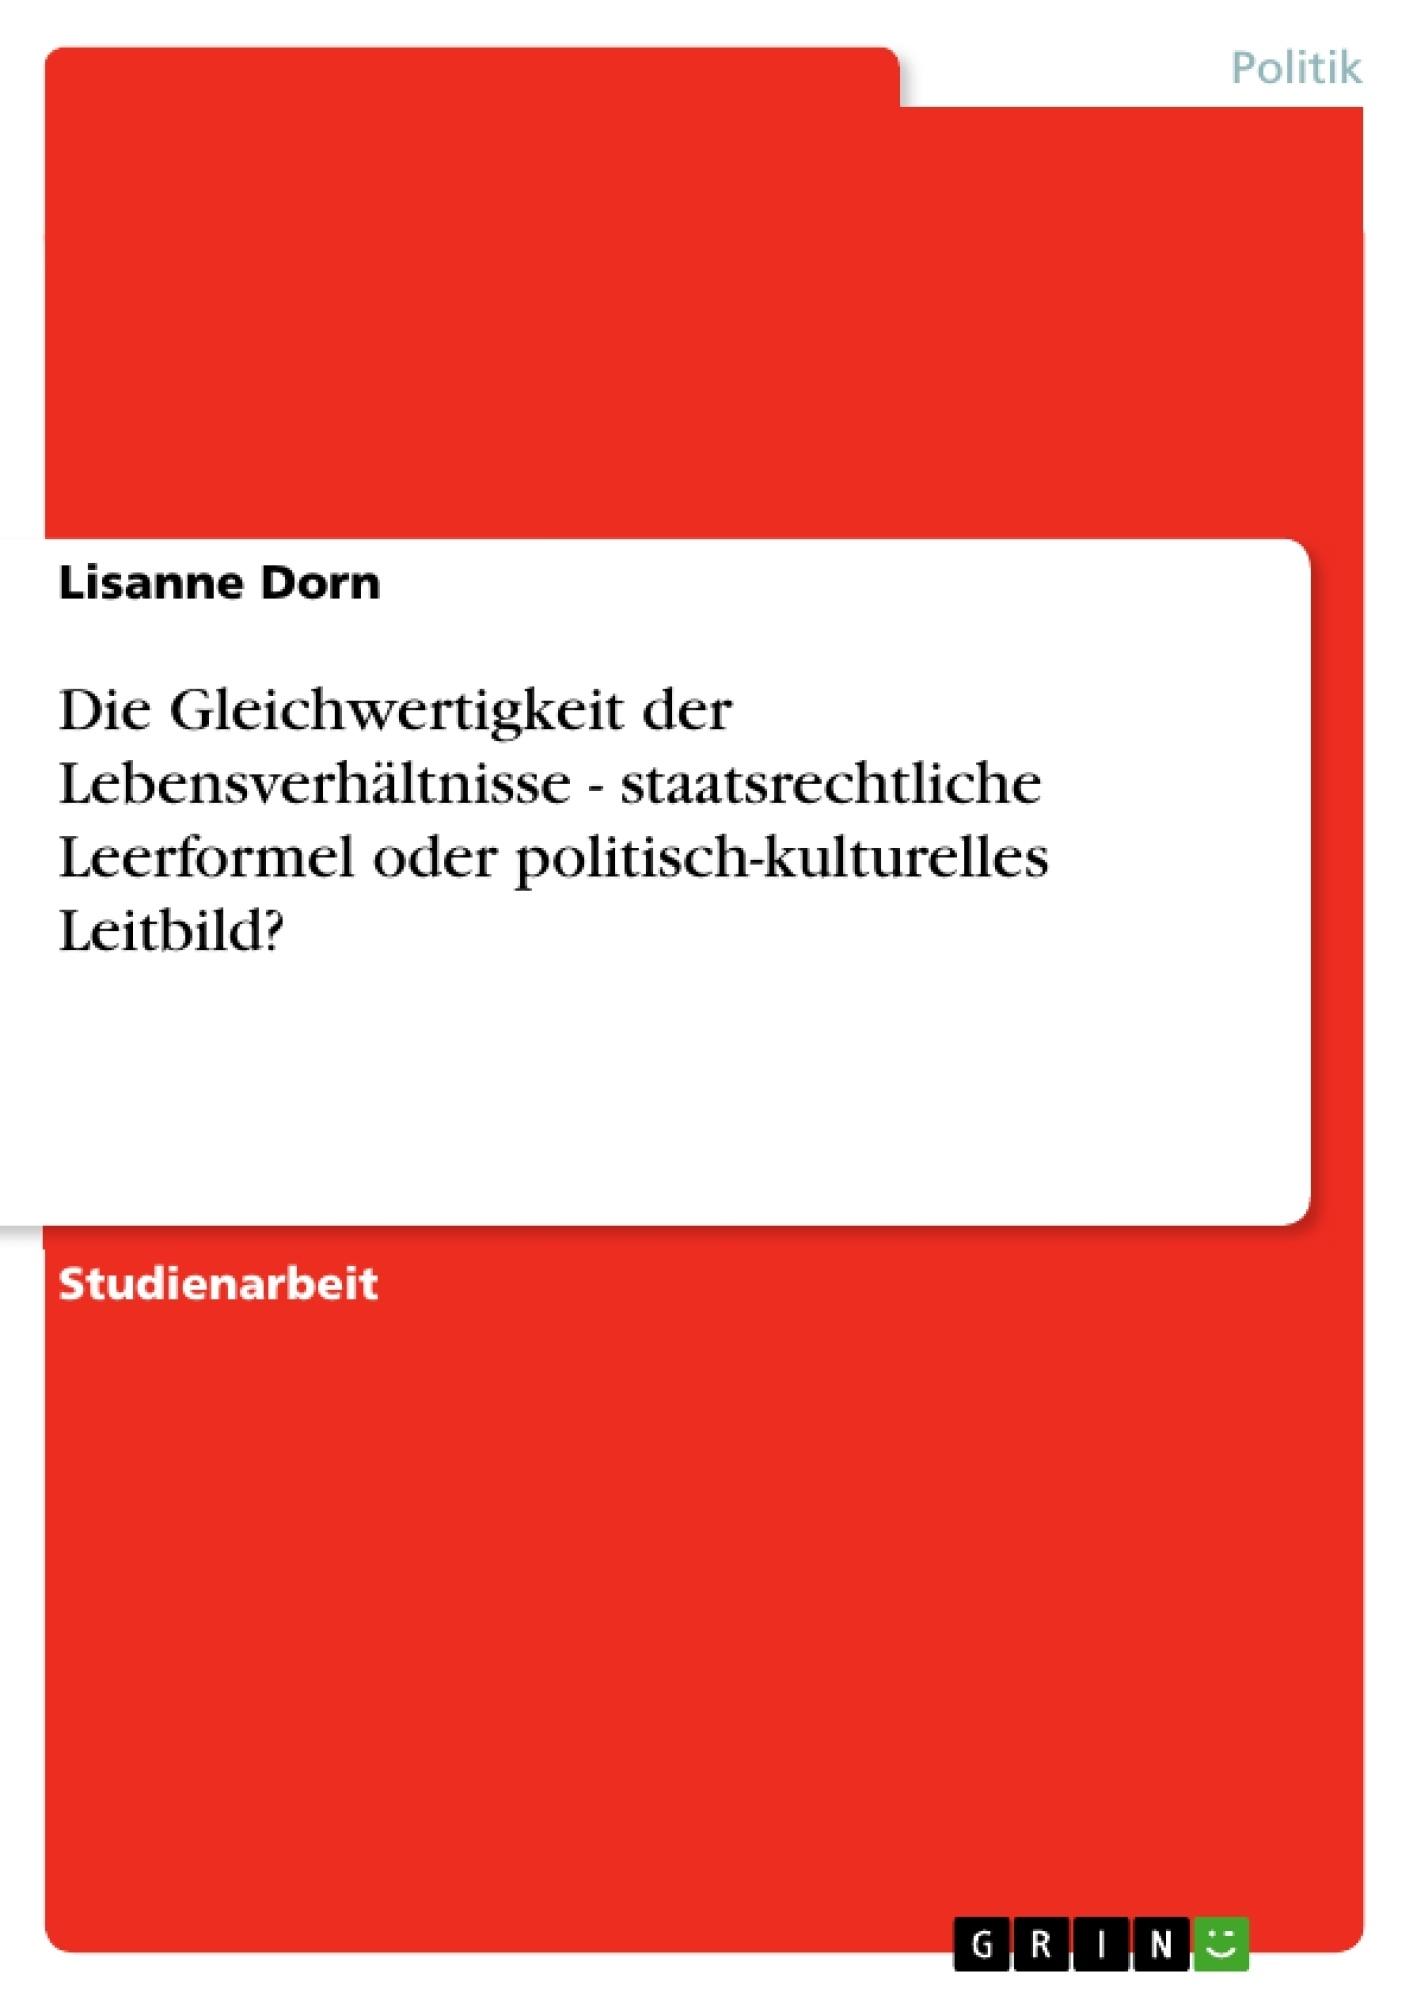 Titel: Die Gleichwertigkeit der Lebensverhältnisse - staatsrechtliche Leerformel oder politisch-kulturelles Leitbild?